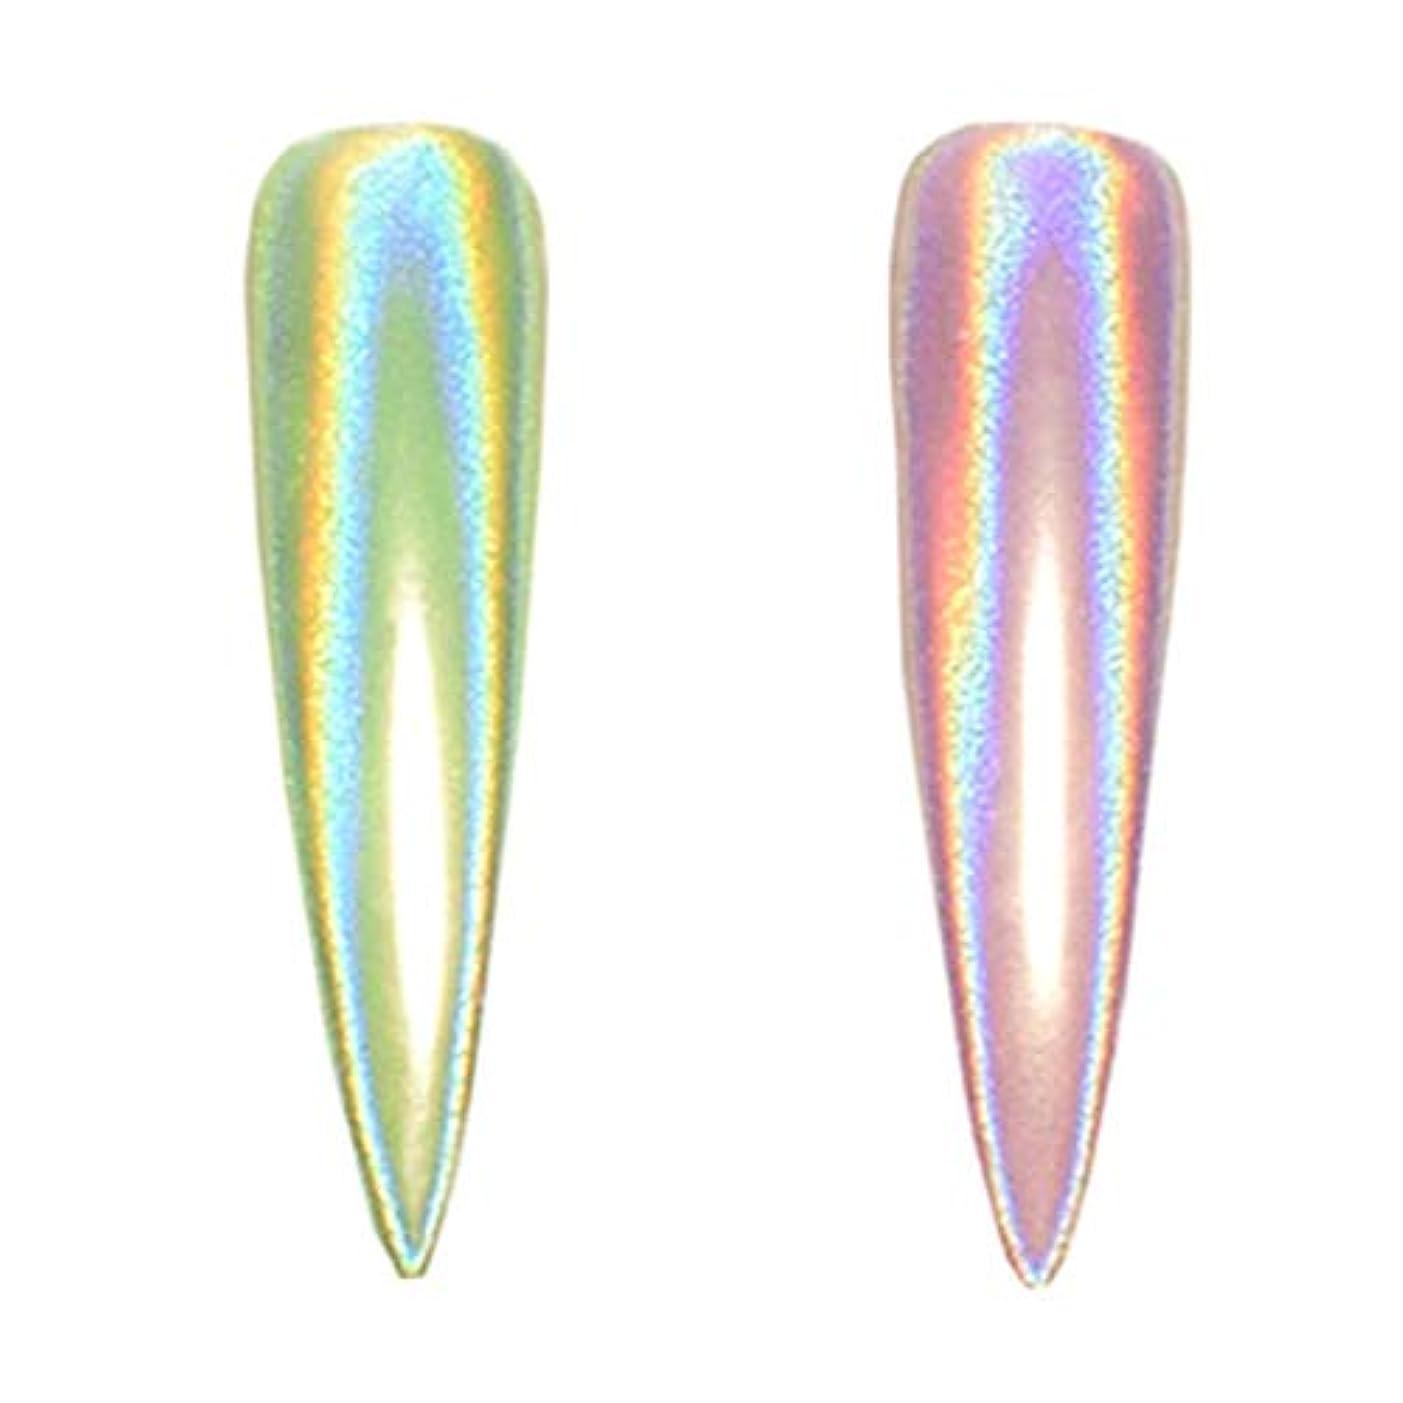 遠え胚ペンスWadachikis 多くのタイプ1 pcカラフルネオンユニコーンミラーパウダーネイルアートマーメイドフラッシュ(None 1)